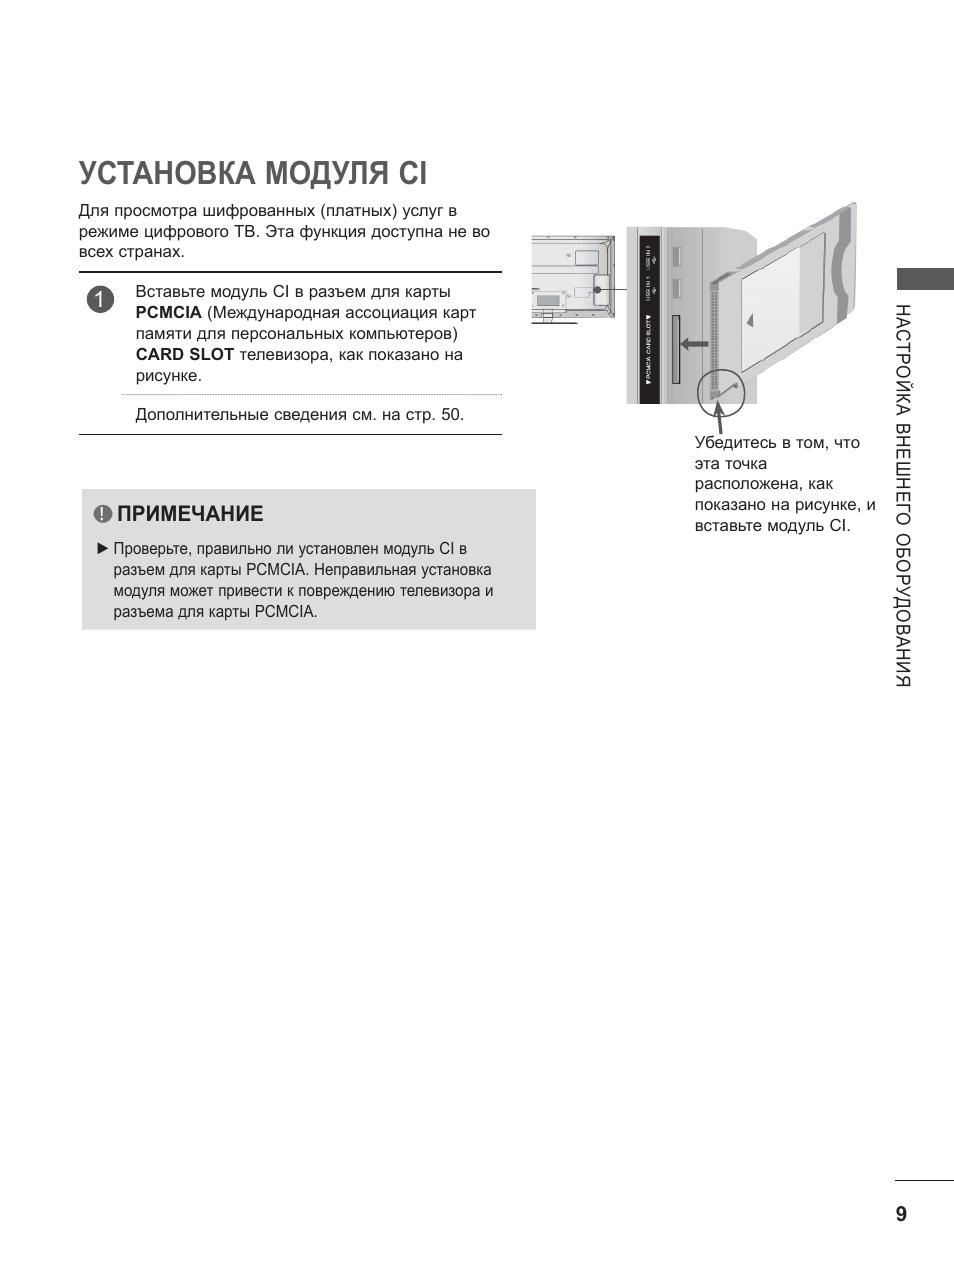 Настройка модуля ci для триколор на телевизоре samsung